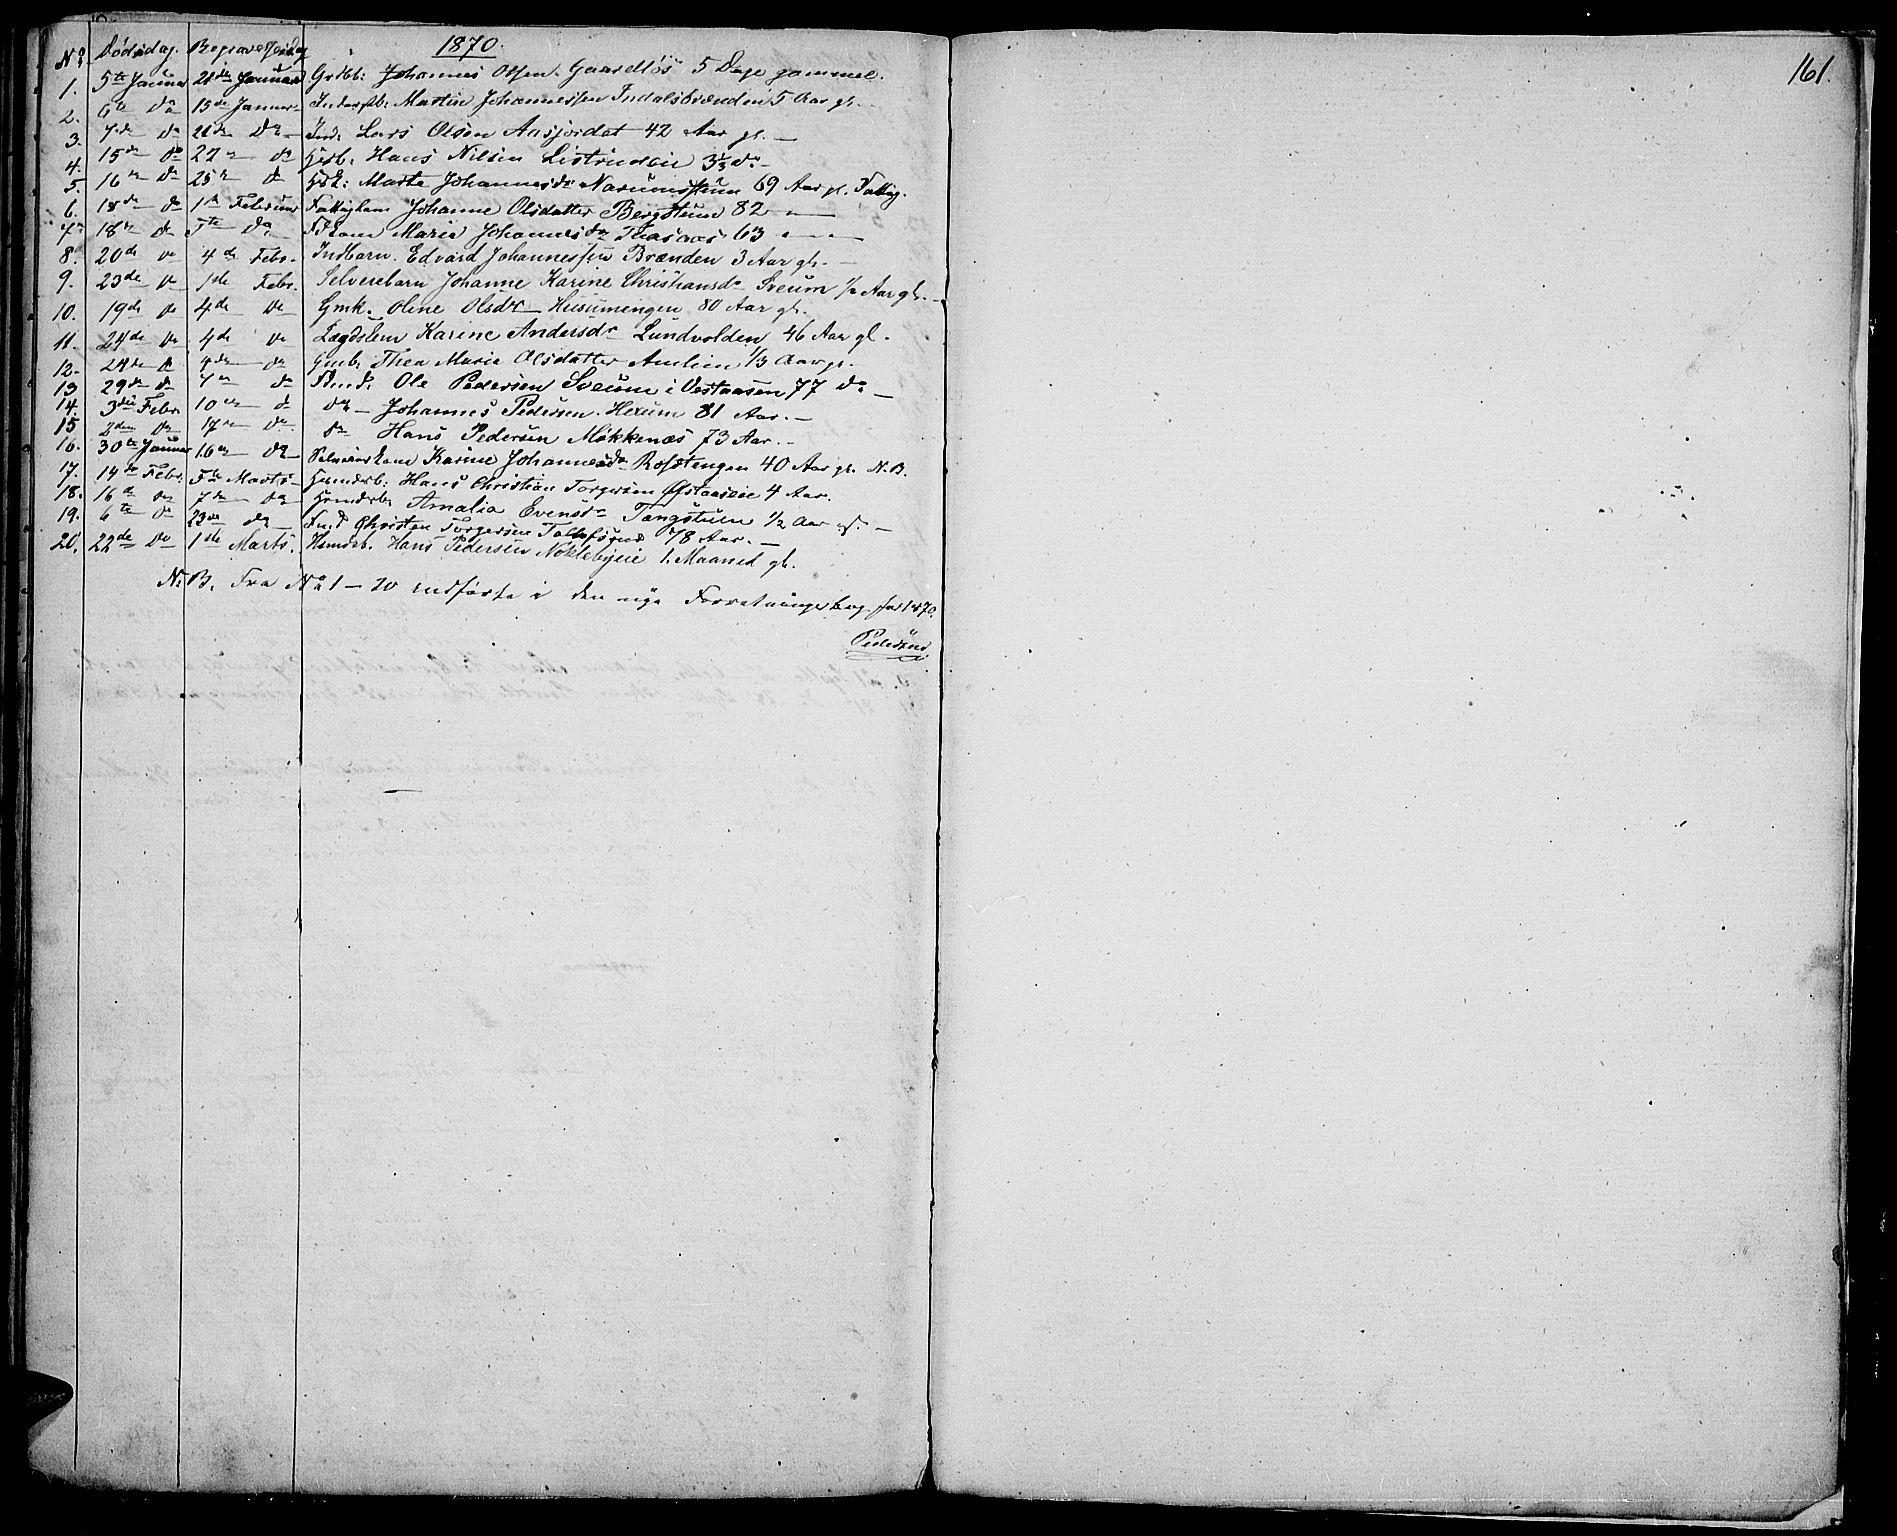 SAH, Vestre Toten prestekontor, Klokkerbok nr. 5, 1854-1870, s. 161